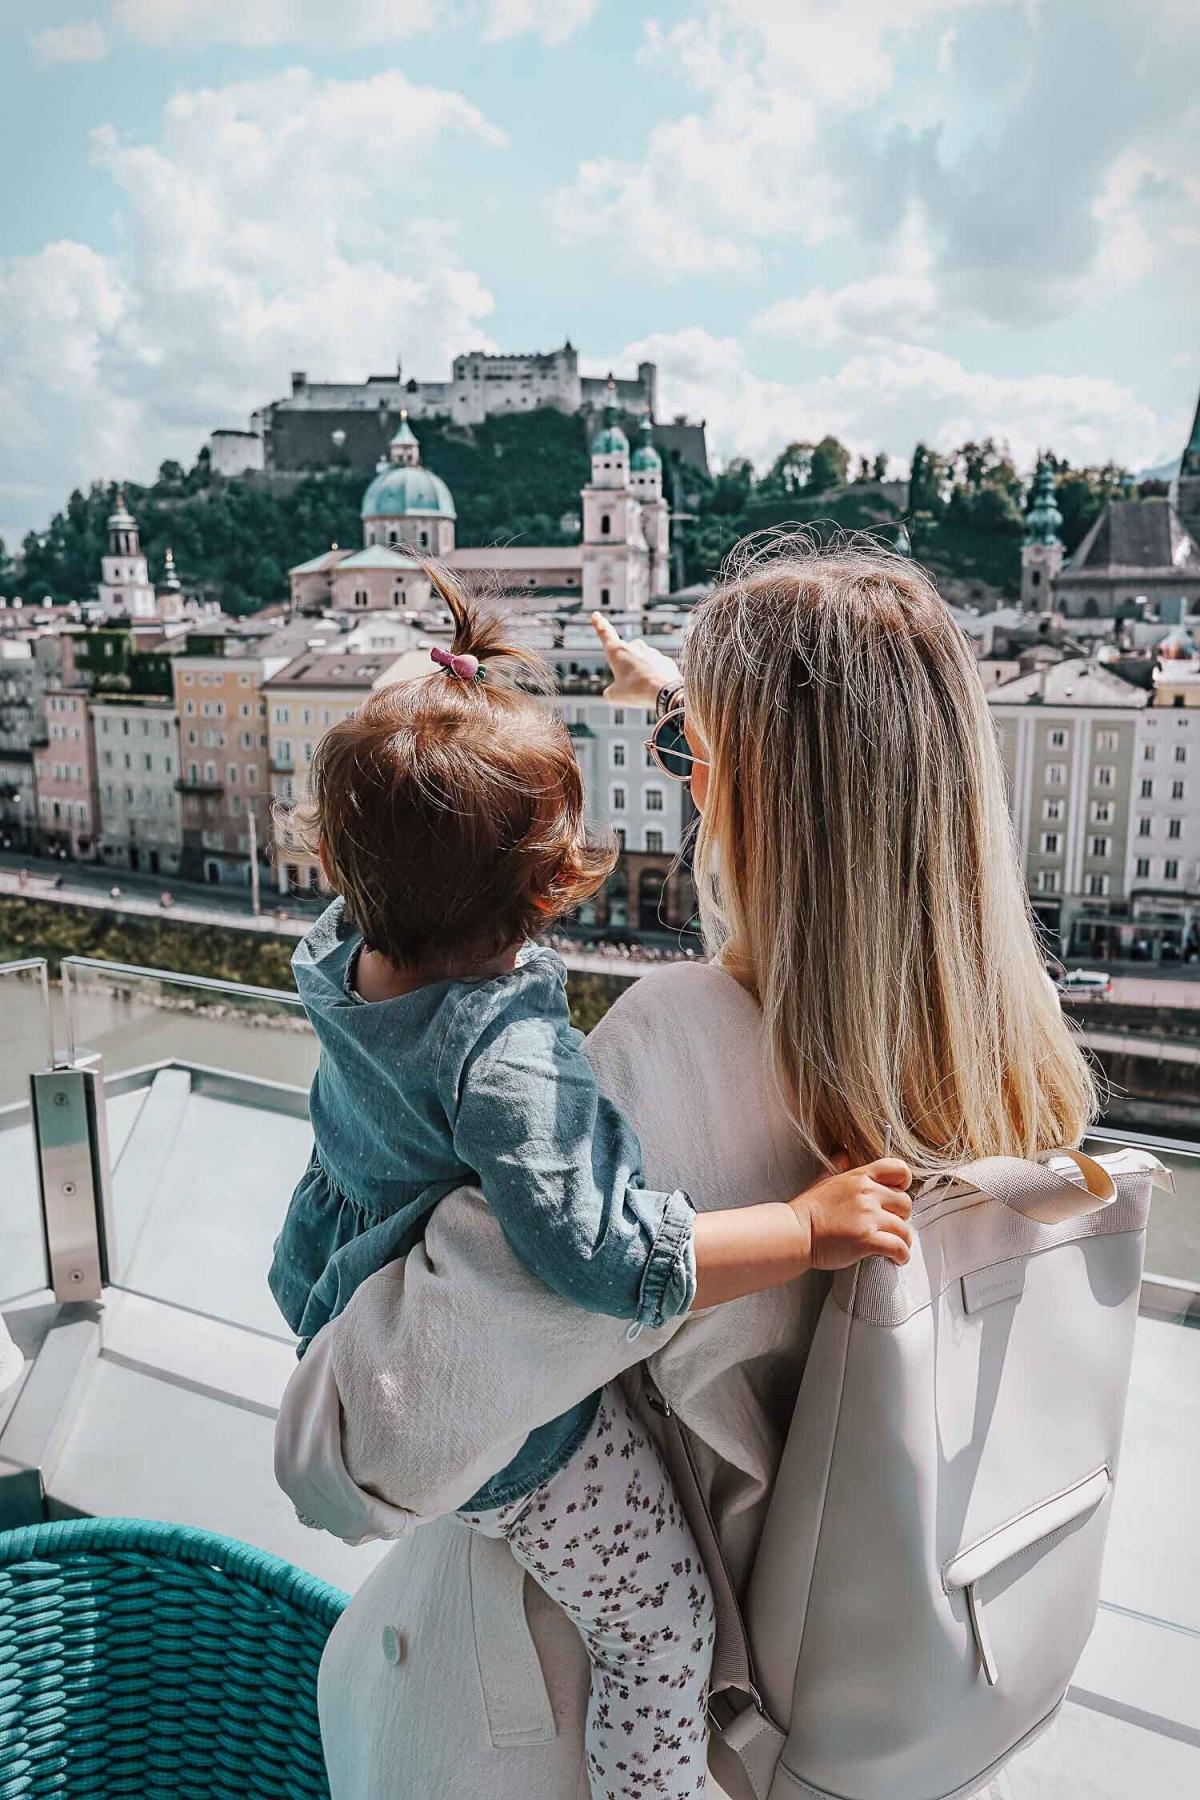 stylingliebe-mamablog-reiseblog-muenchen-familienreiseblog-reiseblogger-familienblog-unser-kurzurlaub-auf-der-turracher-hoehe-1-2